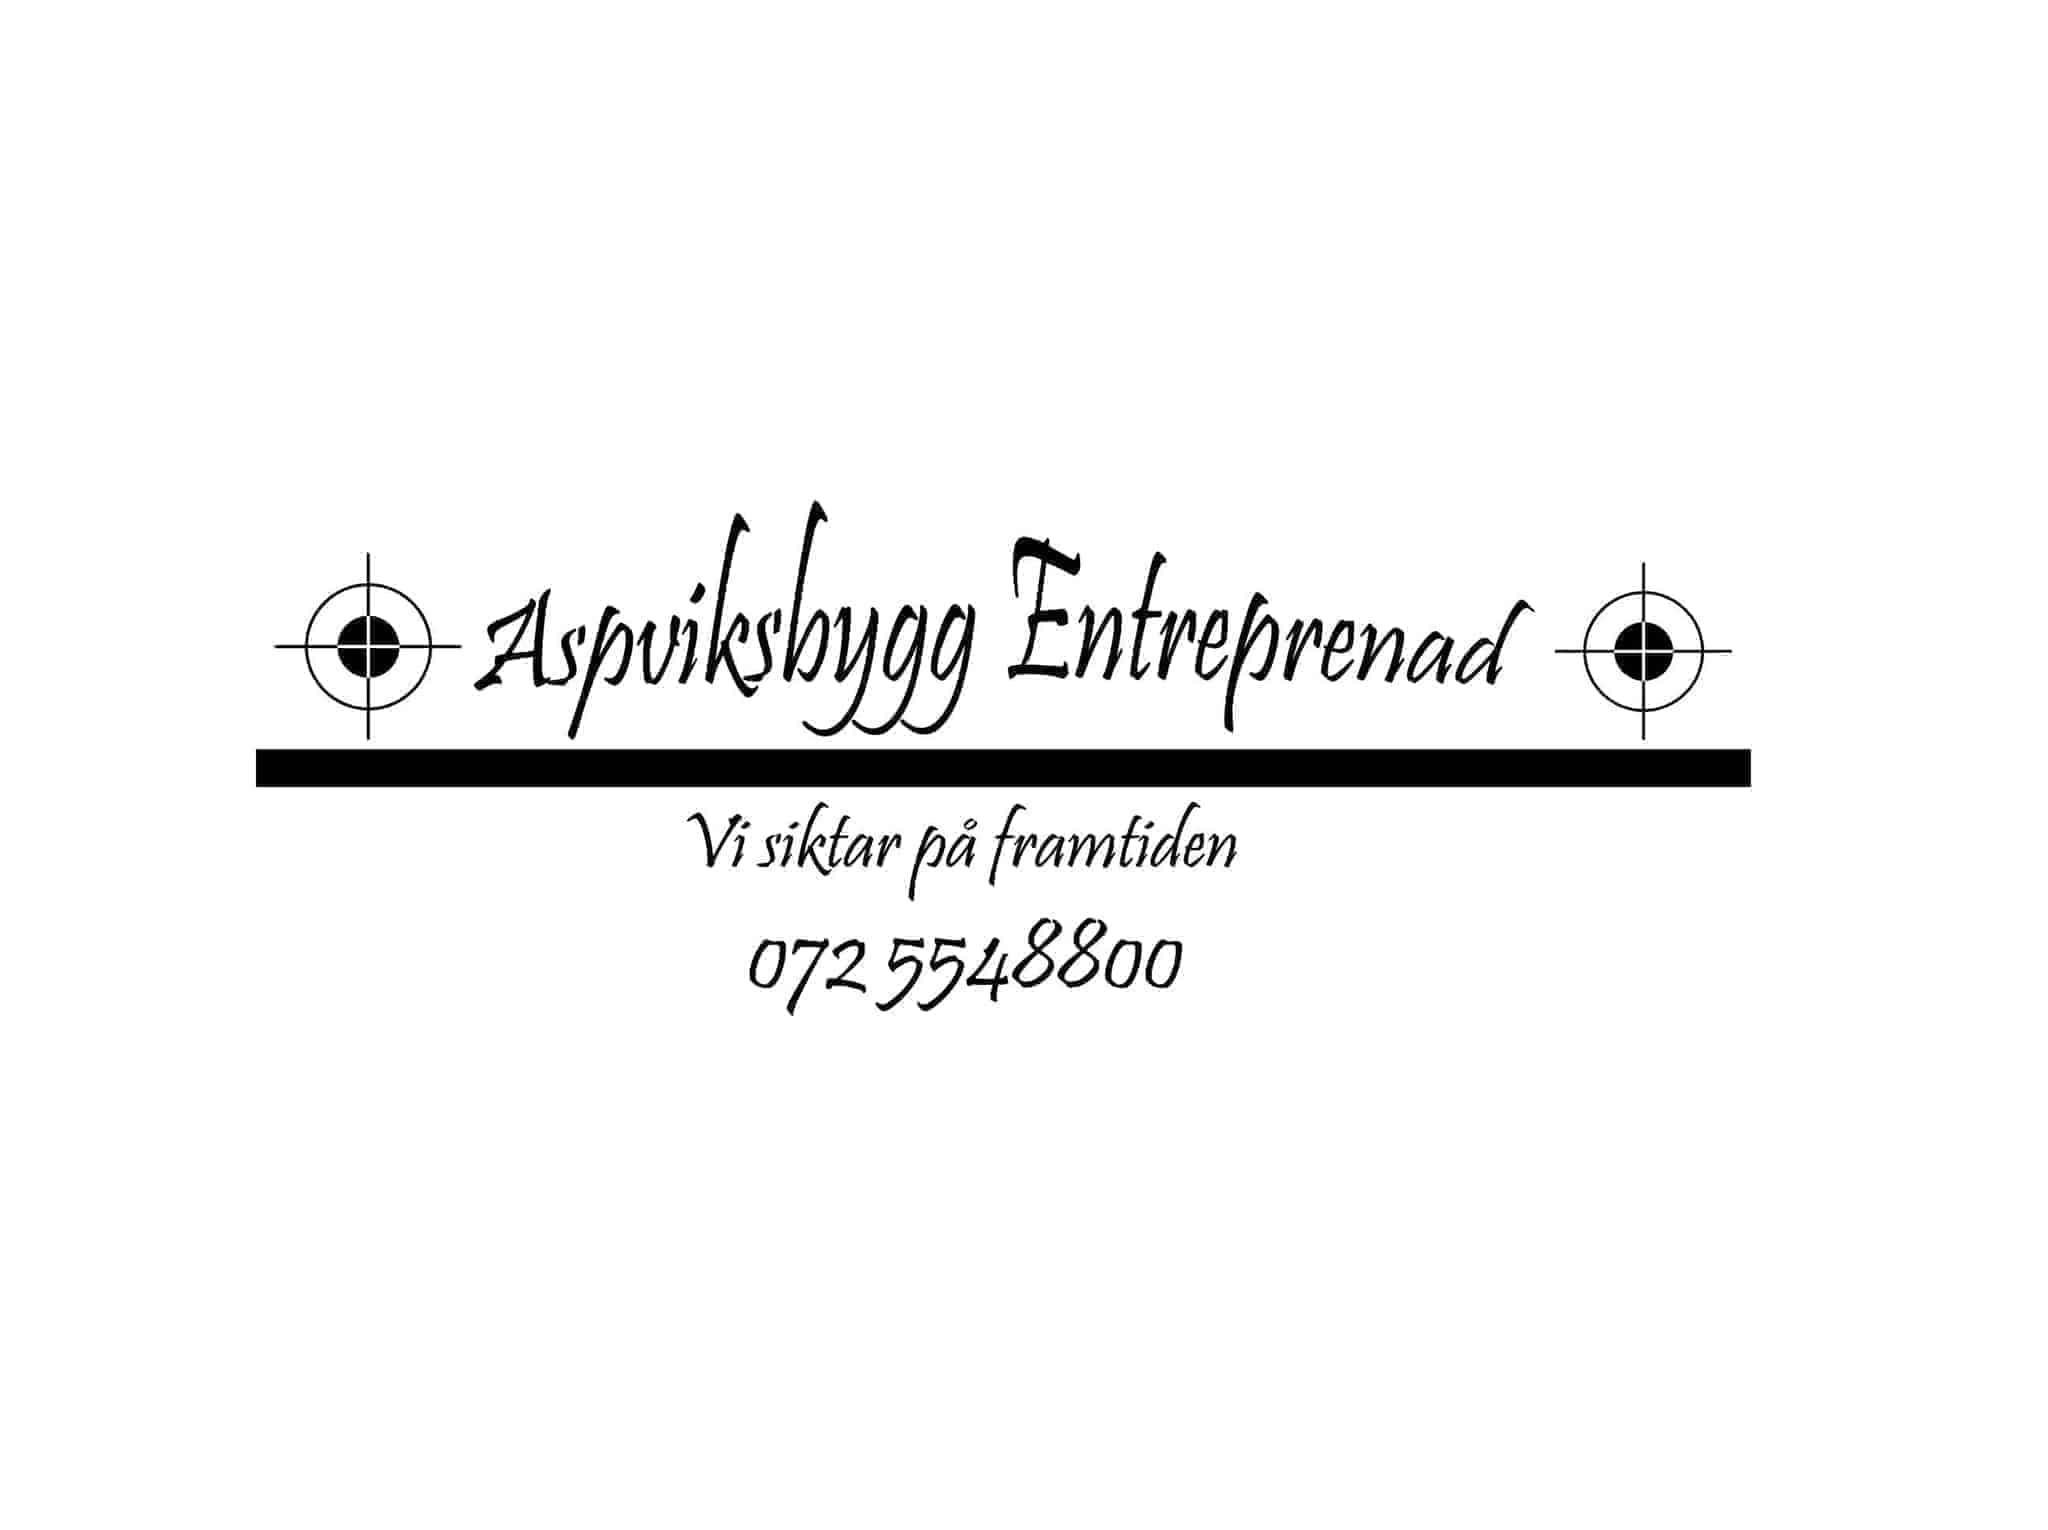 Logotyp för Aspviksbygg Entreprenad Handelsbolag